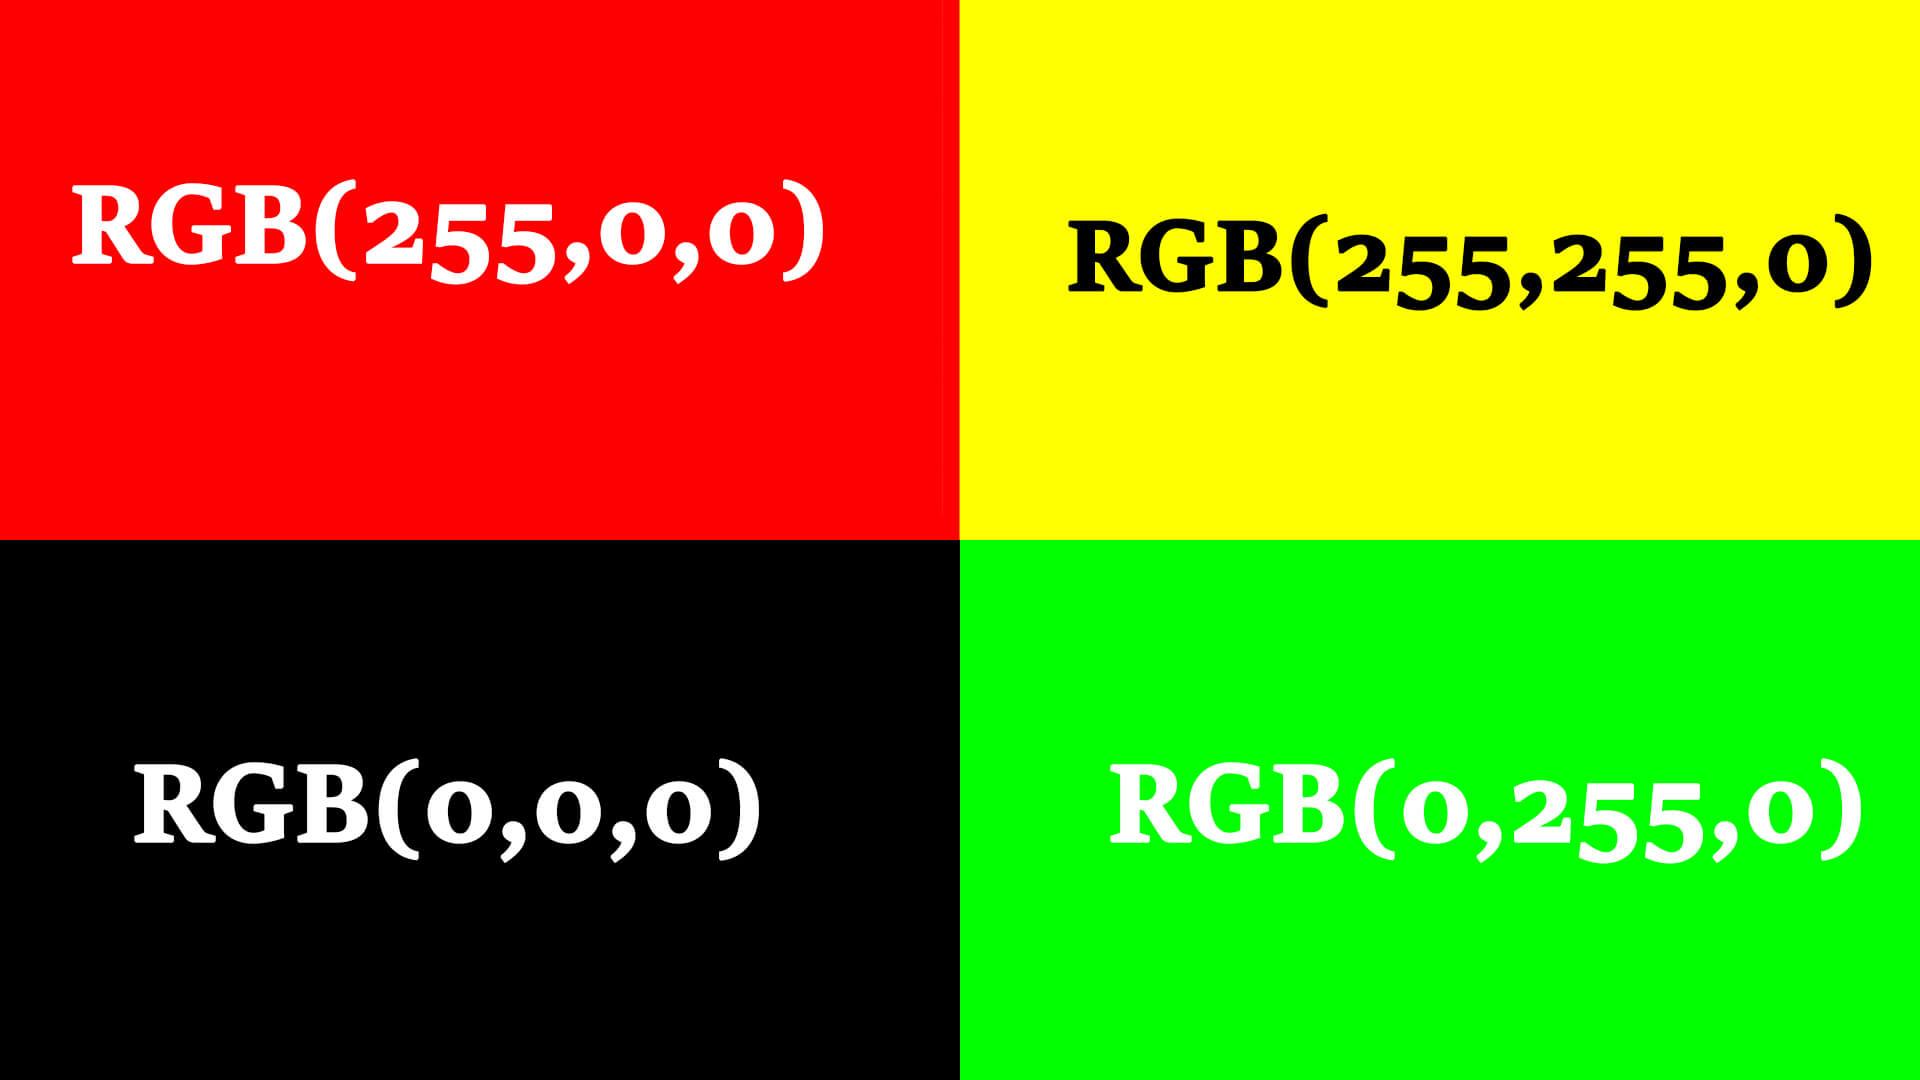 Színmegadása RGB színkód segítségével a HTML nyelvben